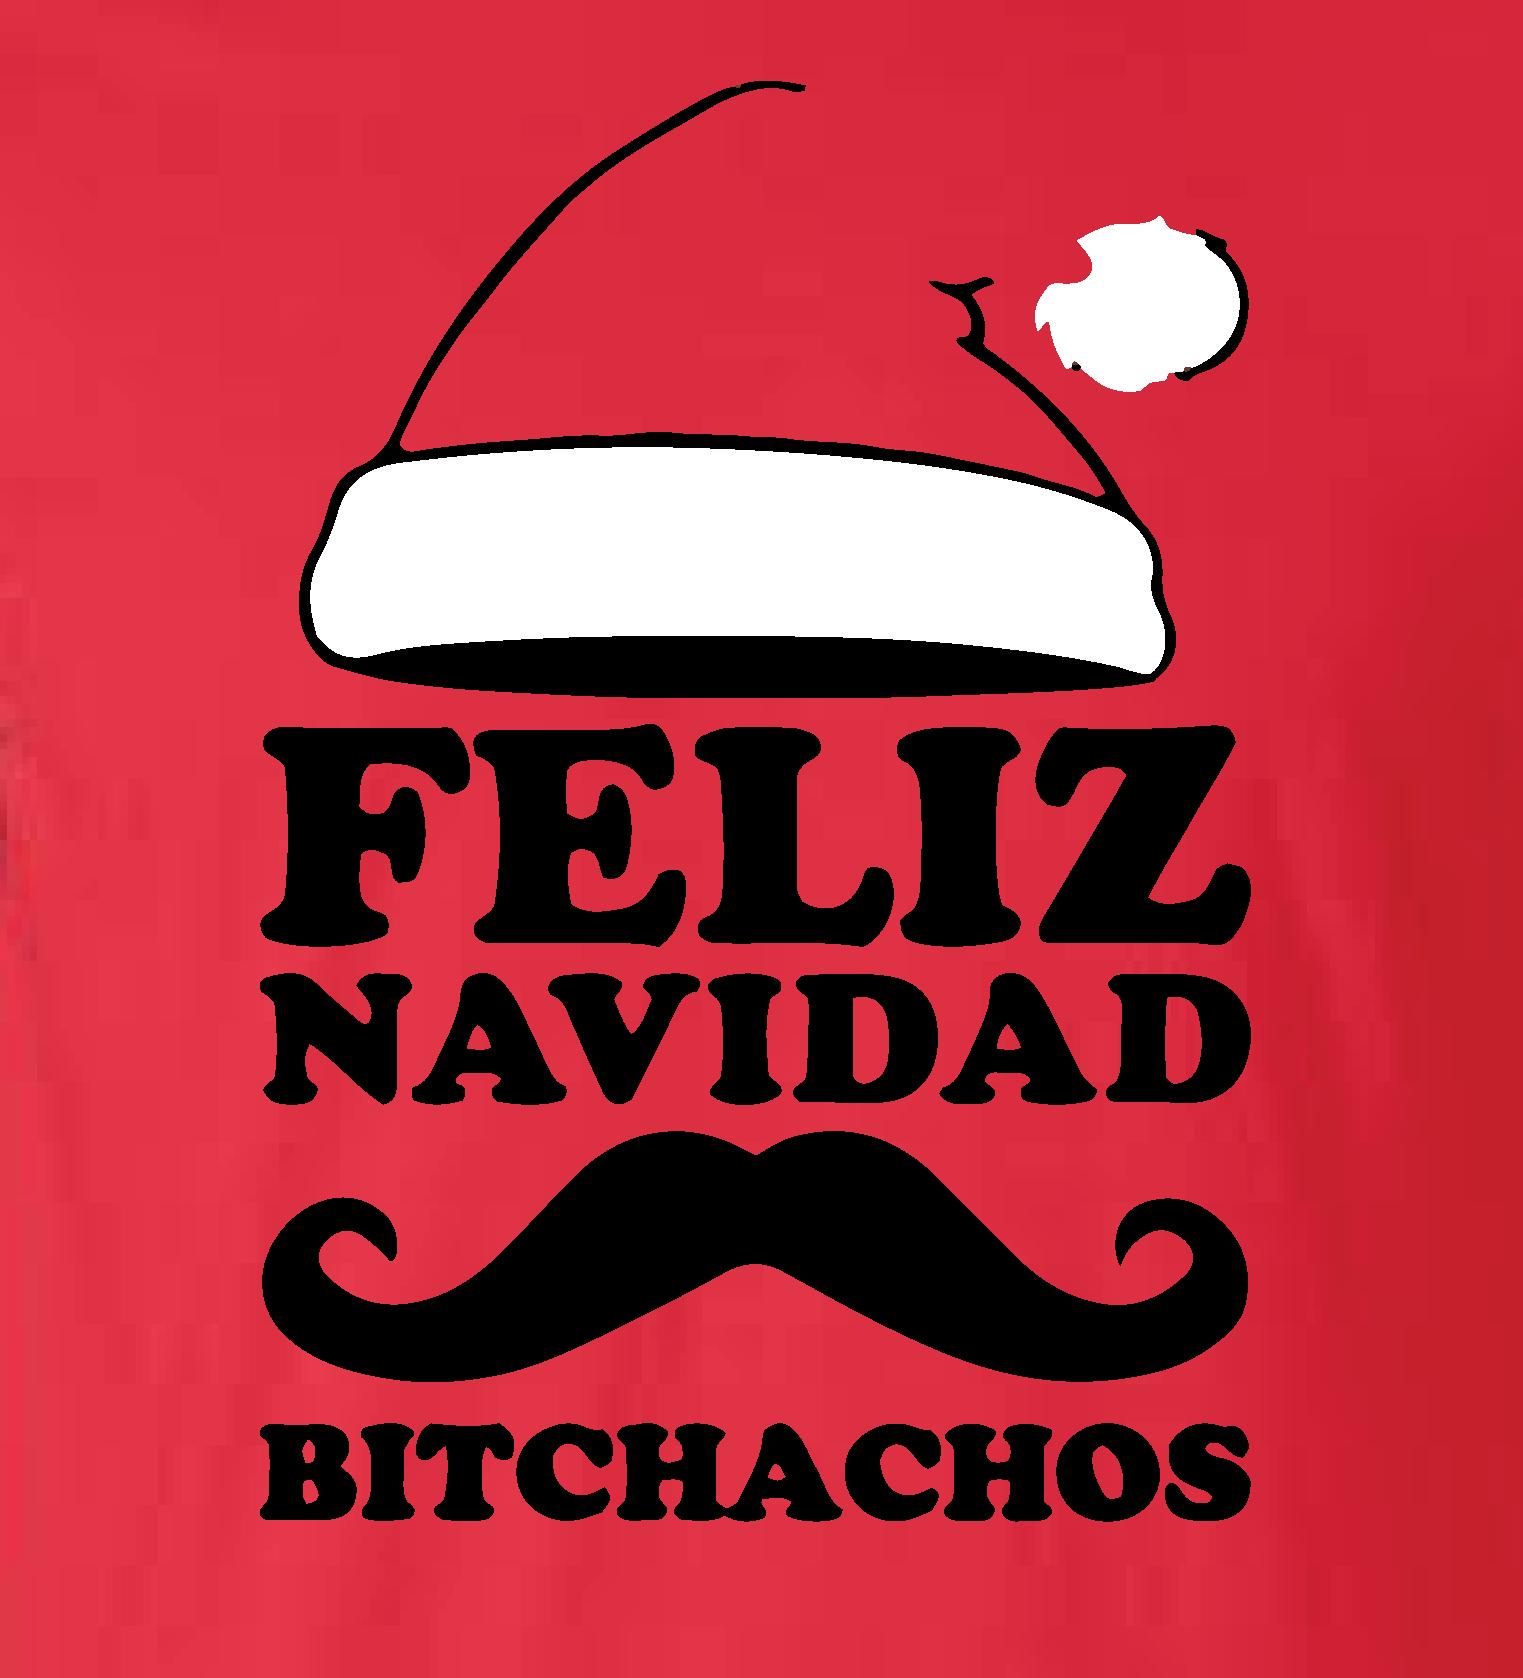 Feliz Navidad Cristmas.Feliz Navidad Bitchados